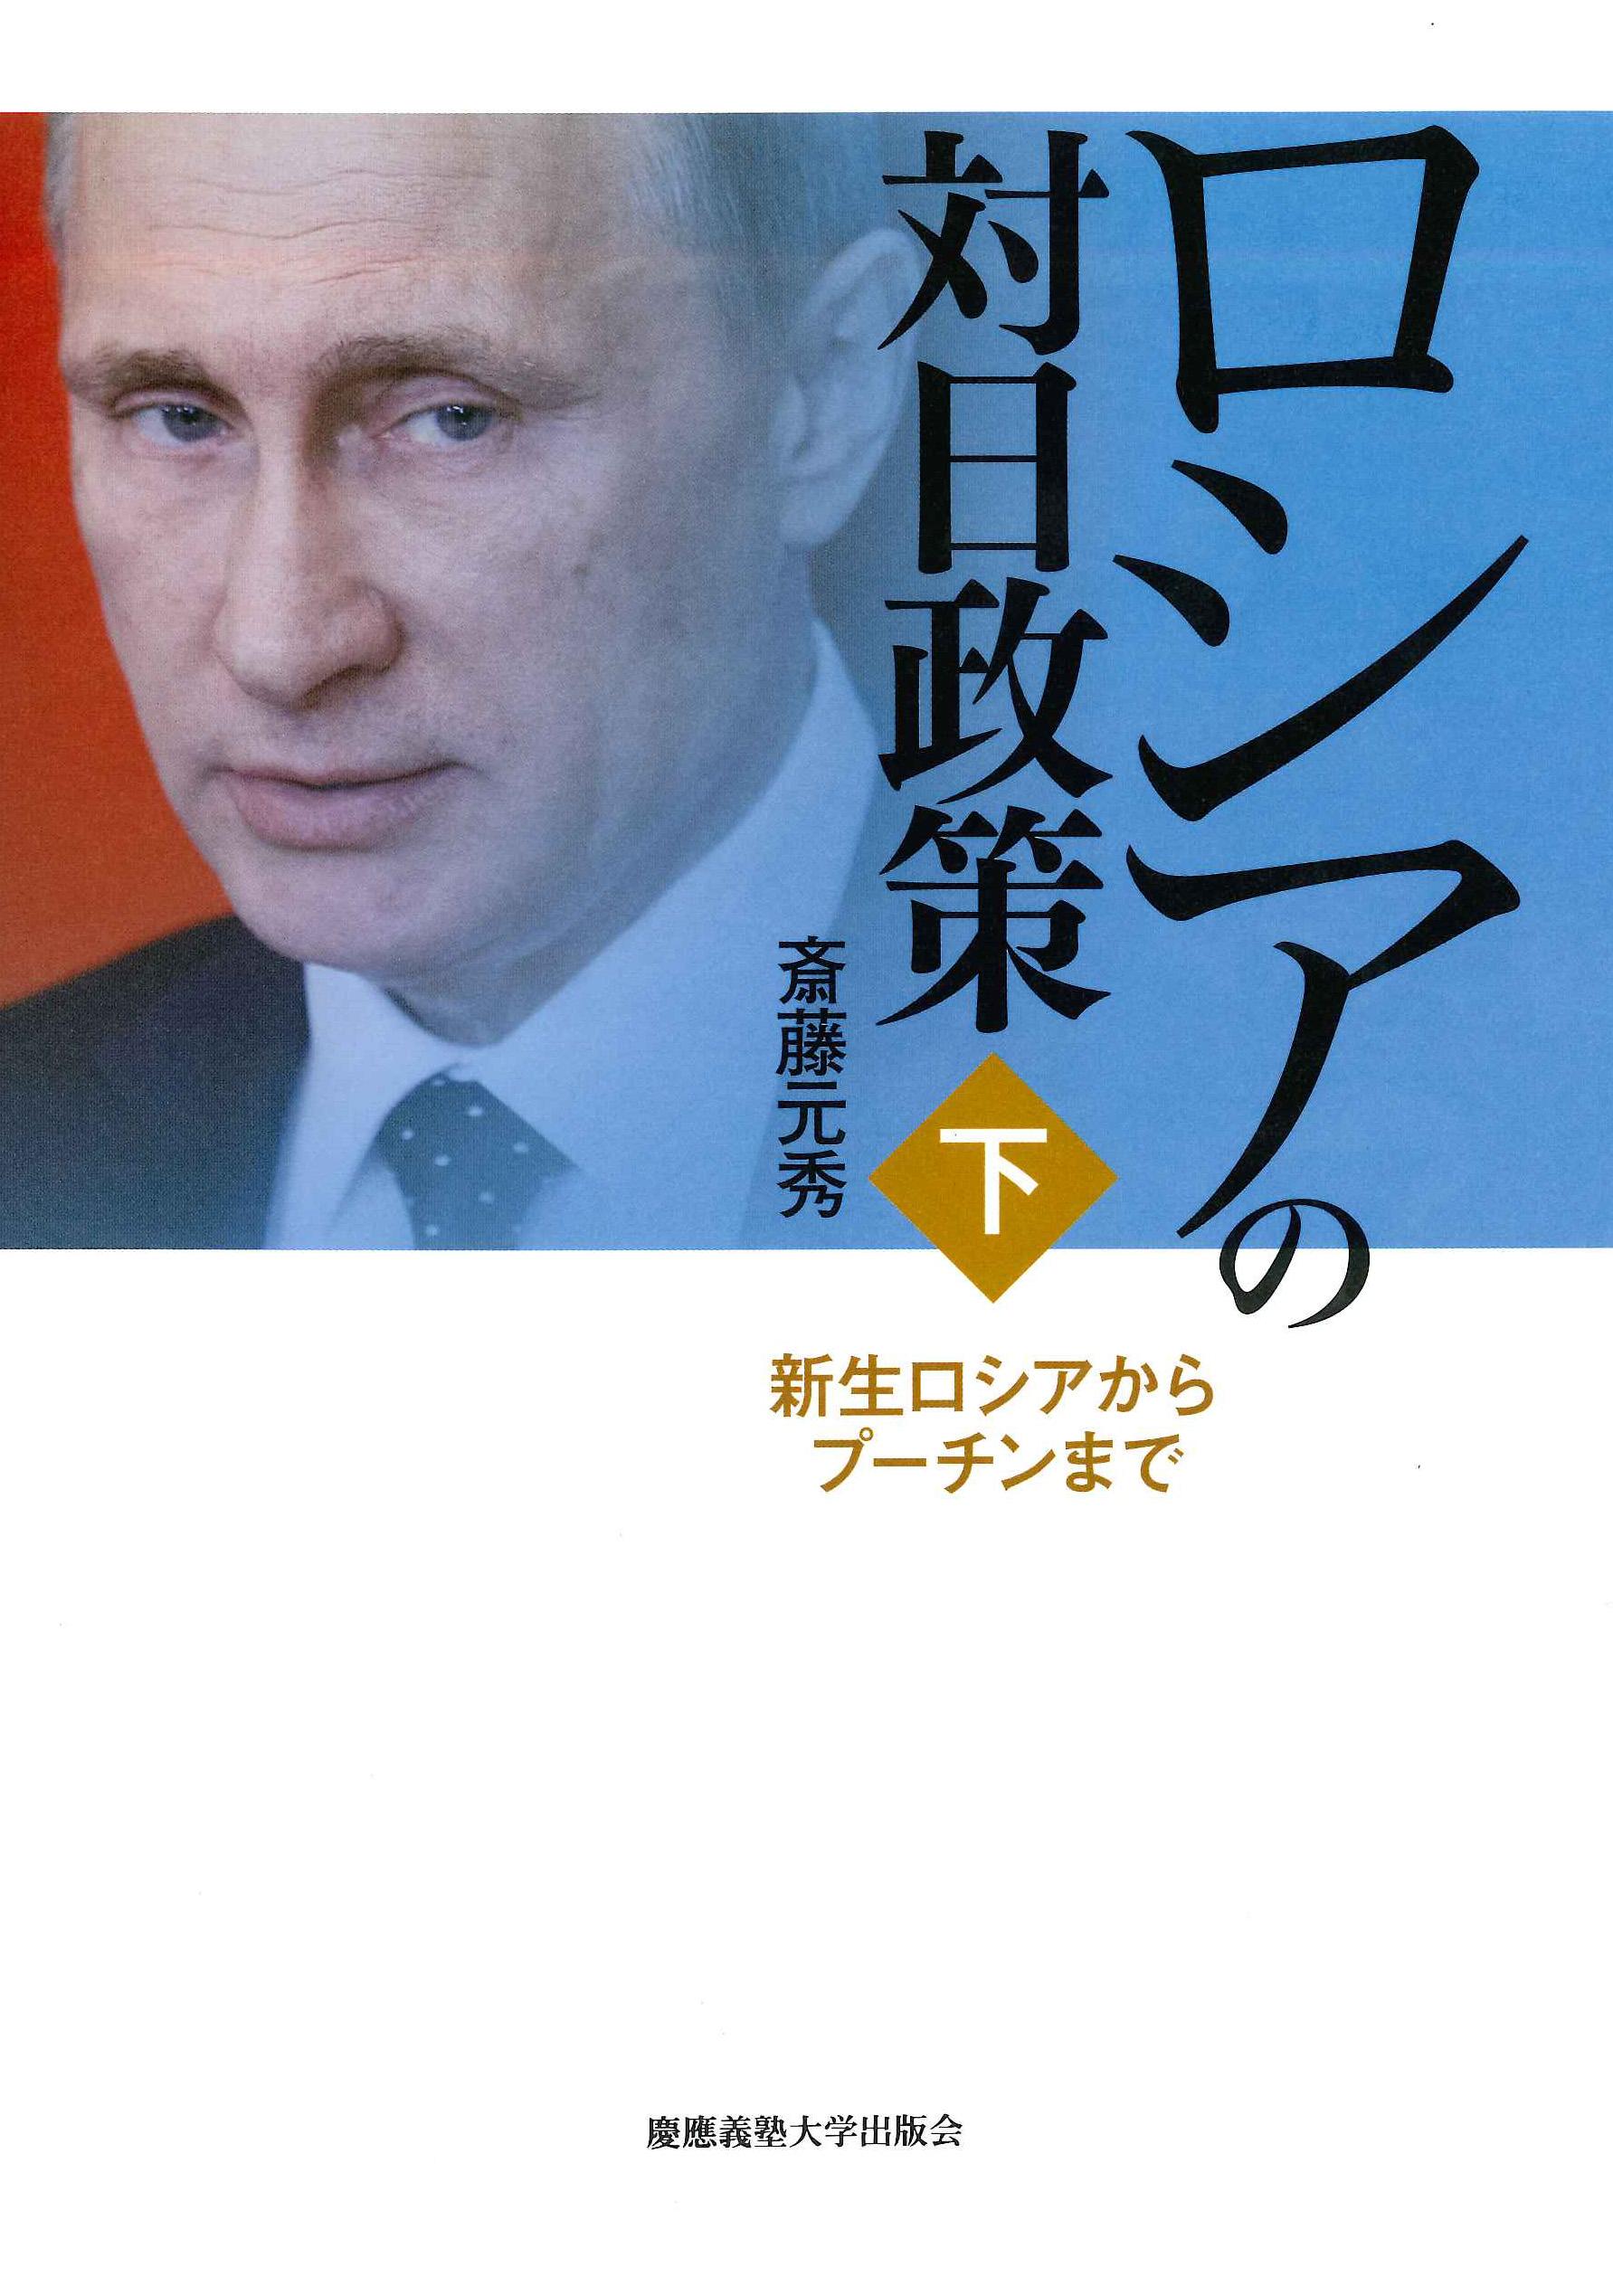 ロシアの対日政策(下) 新生ロシアからプーチンまで 斎藤 元秀 著